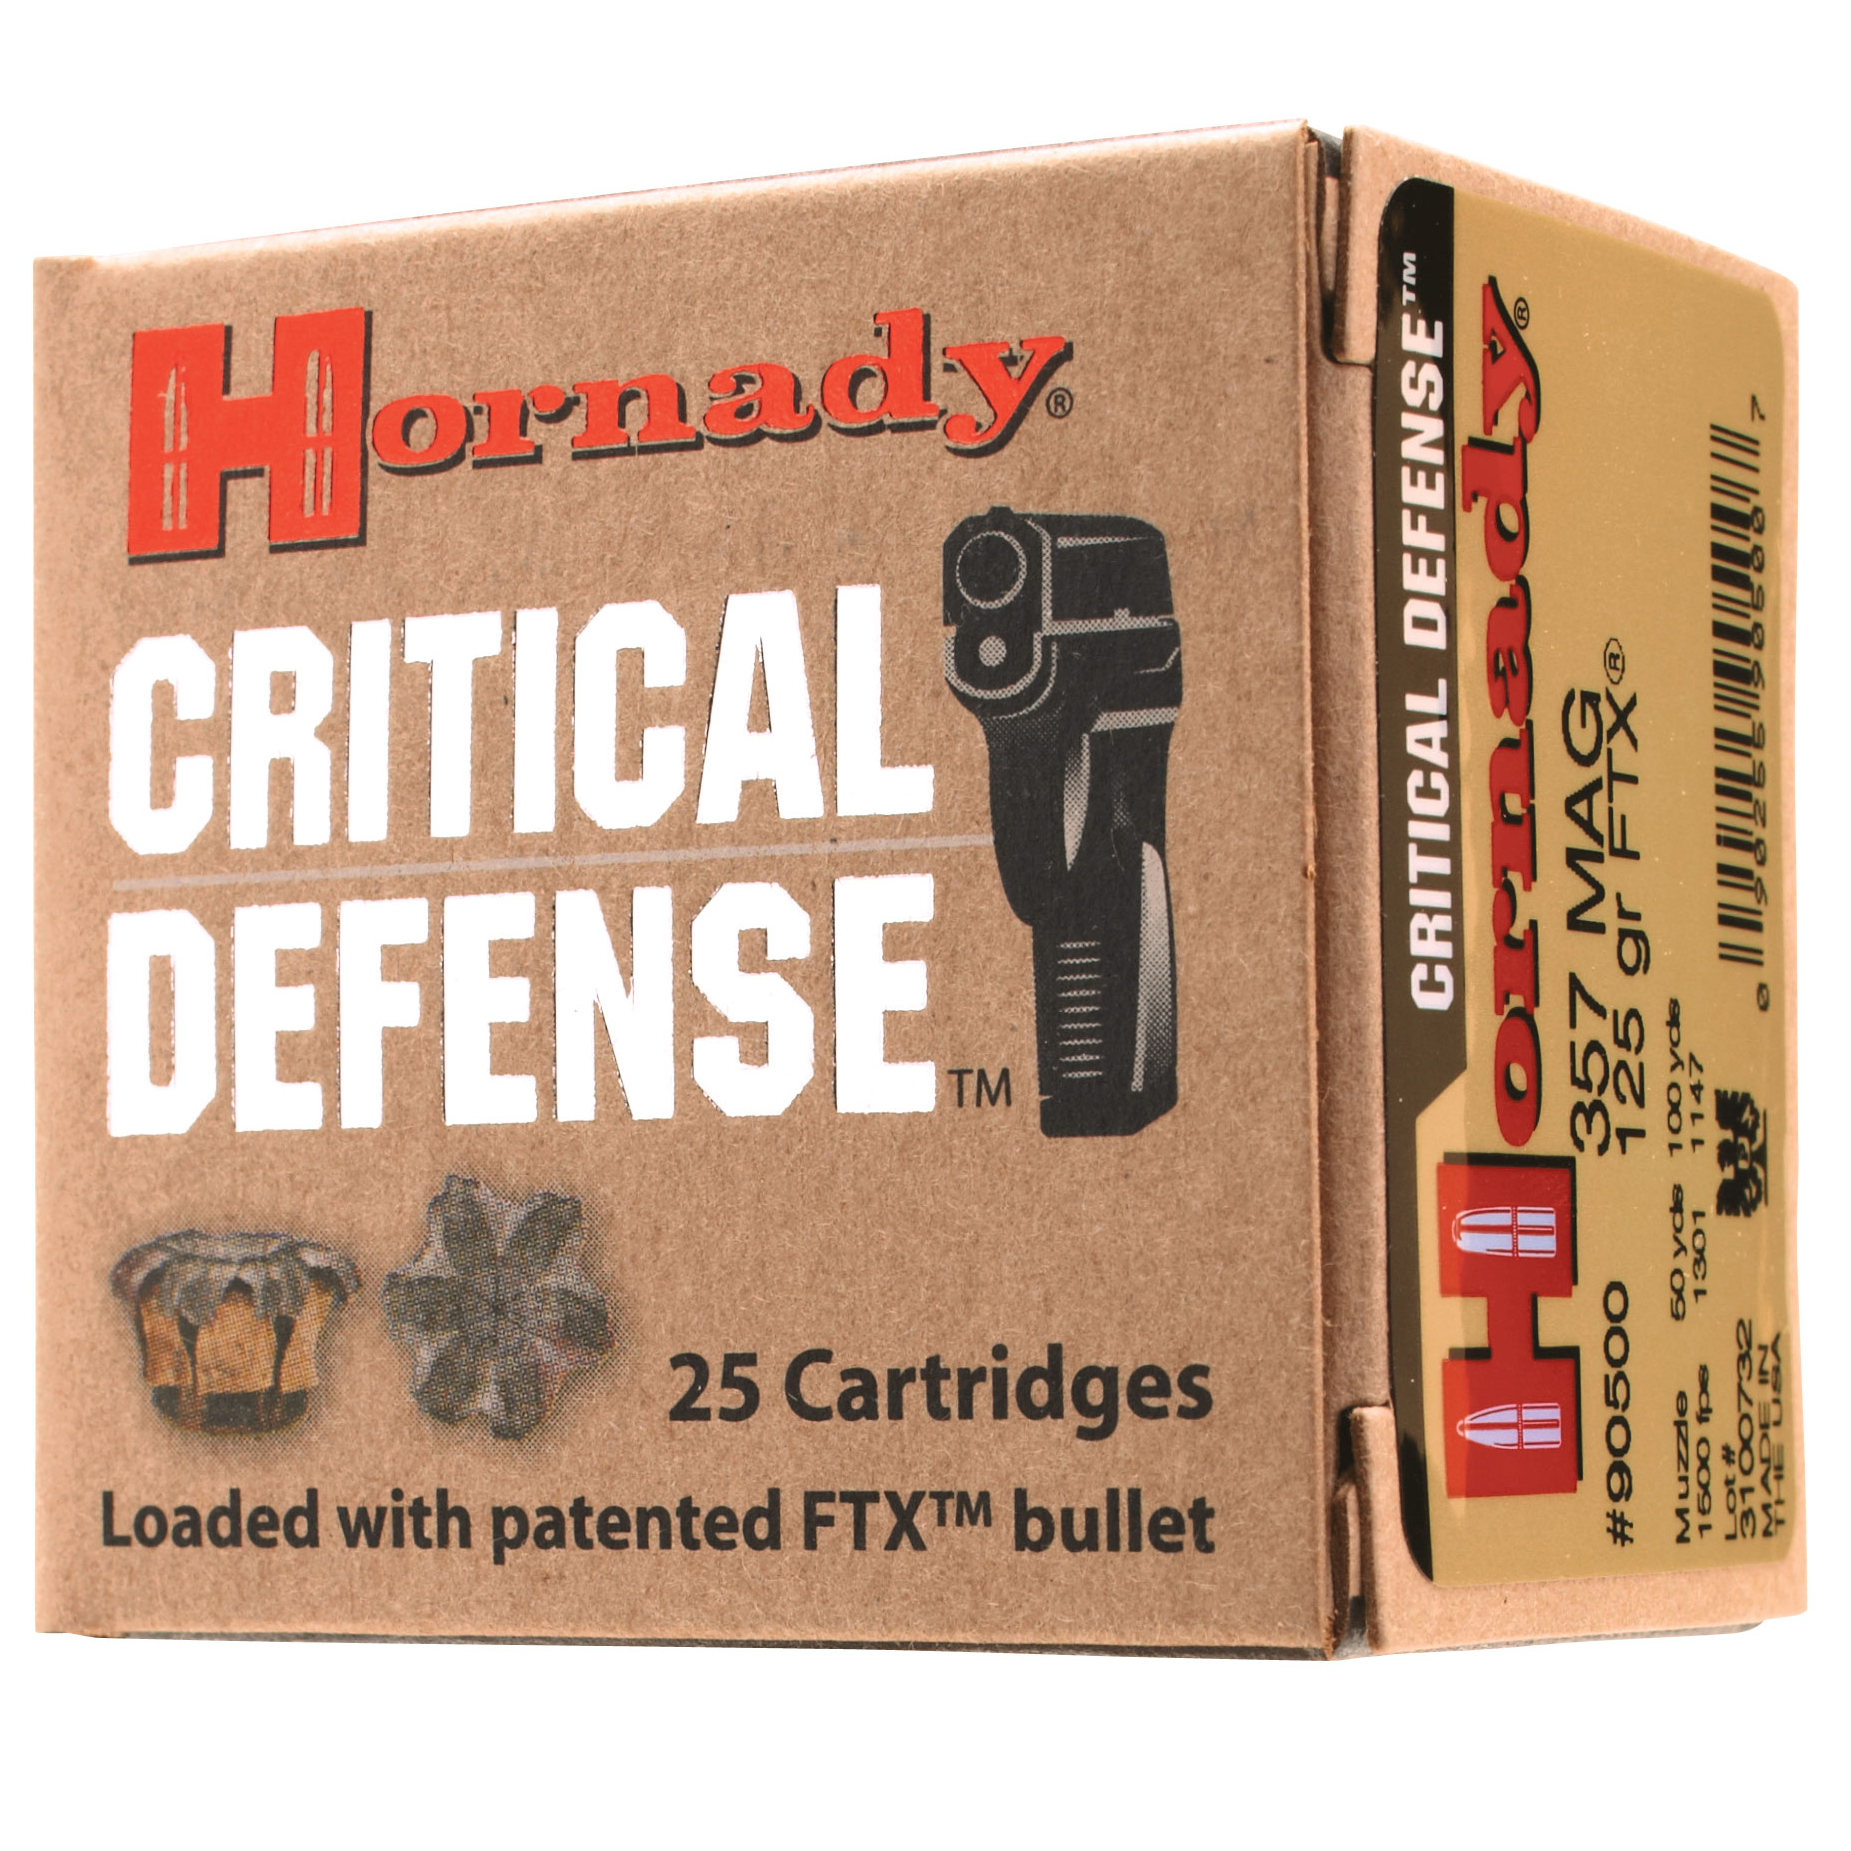 Hornady Critical Defense Handgun Ammo, .380 ACP, 90-gr, FTX, 25 Rounds